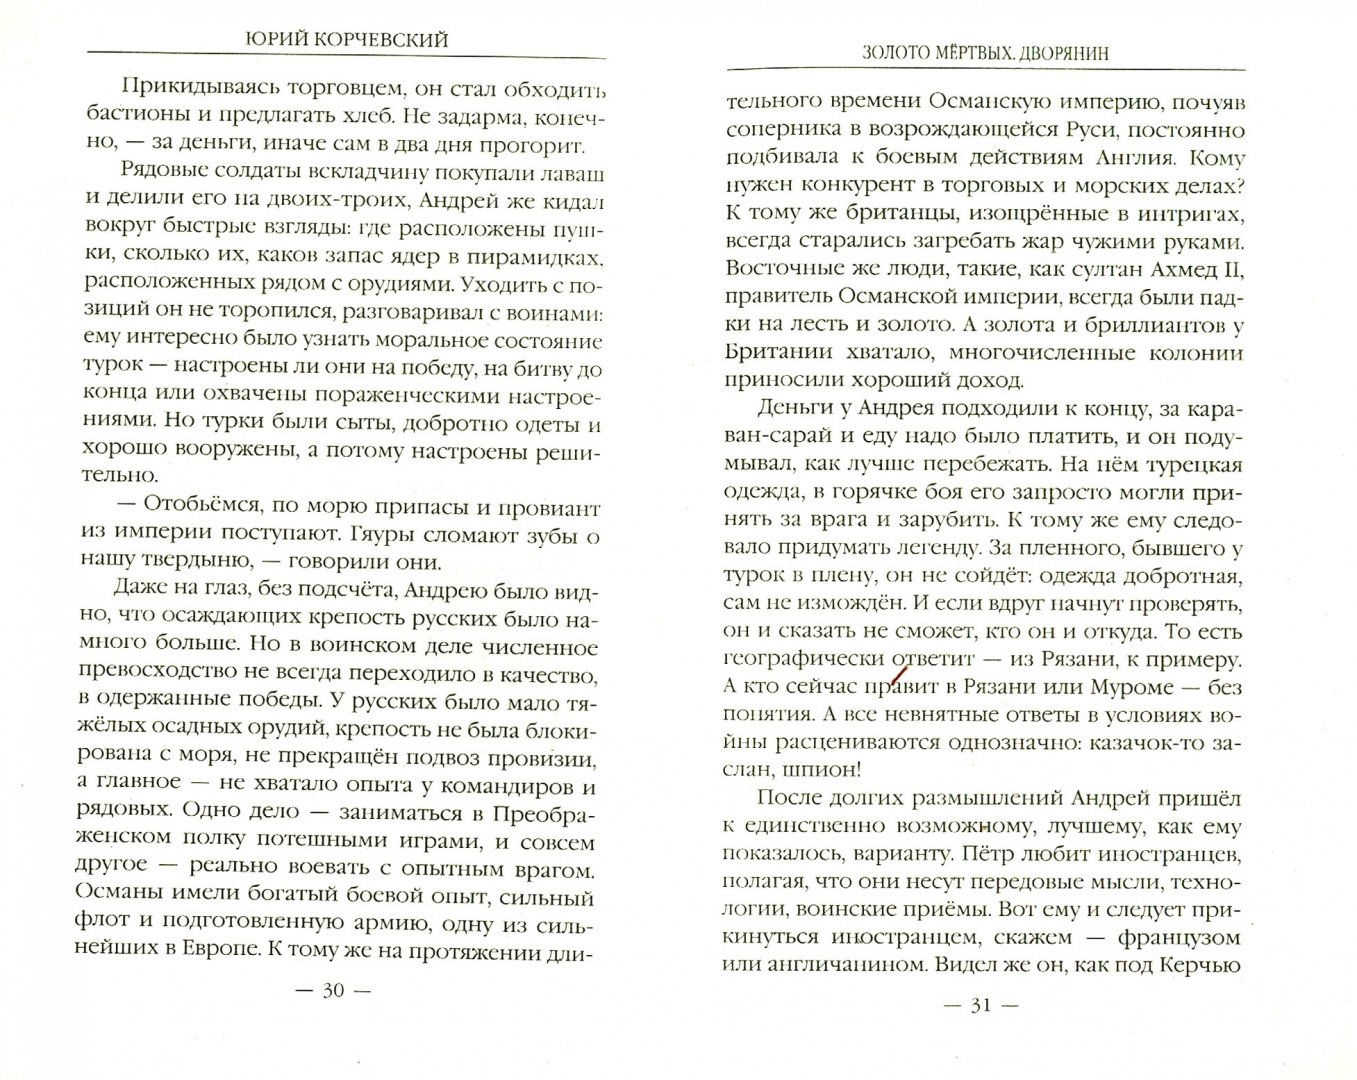 Иллюстрация 1 из 10 для Золото мертвых. Дворянин - Юрий Корчевский   Лабиринт - книги. Источник: Лабиринт